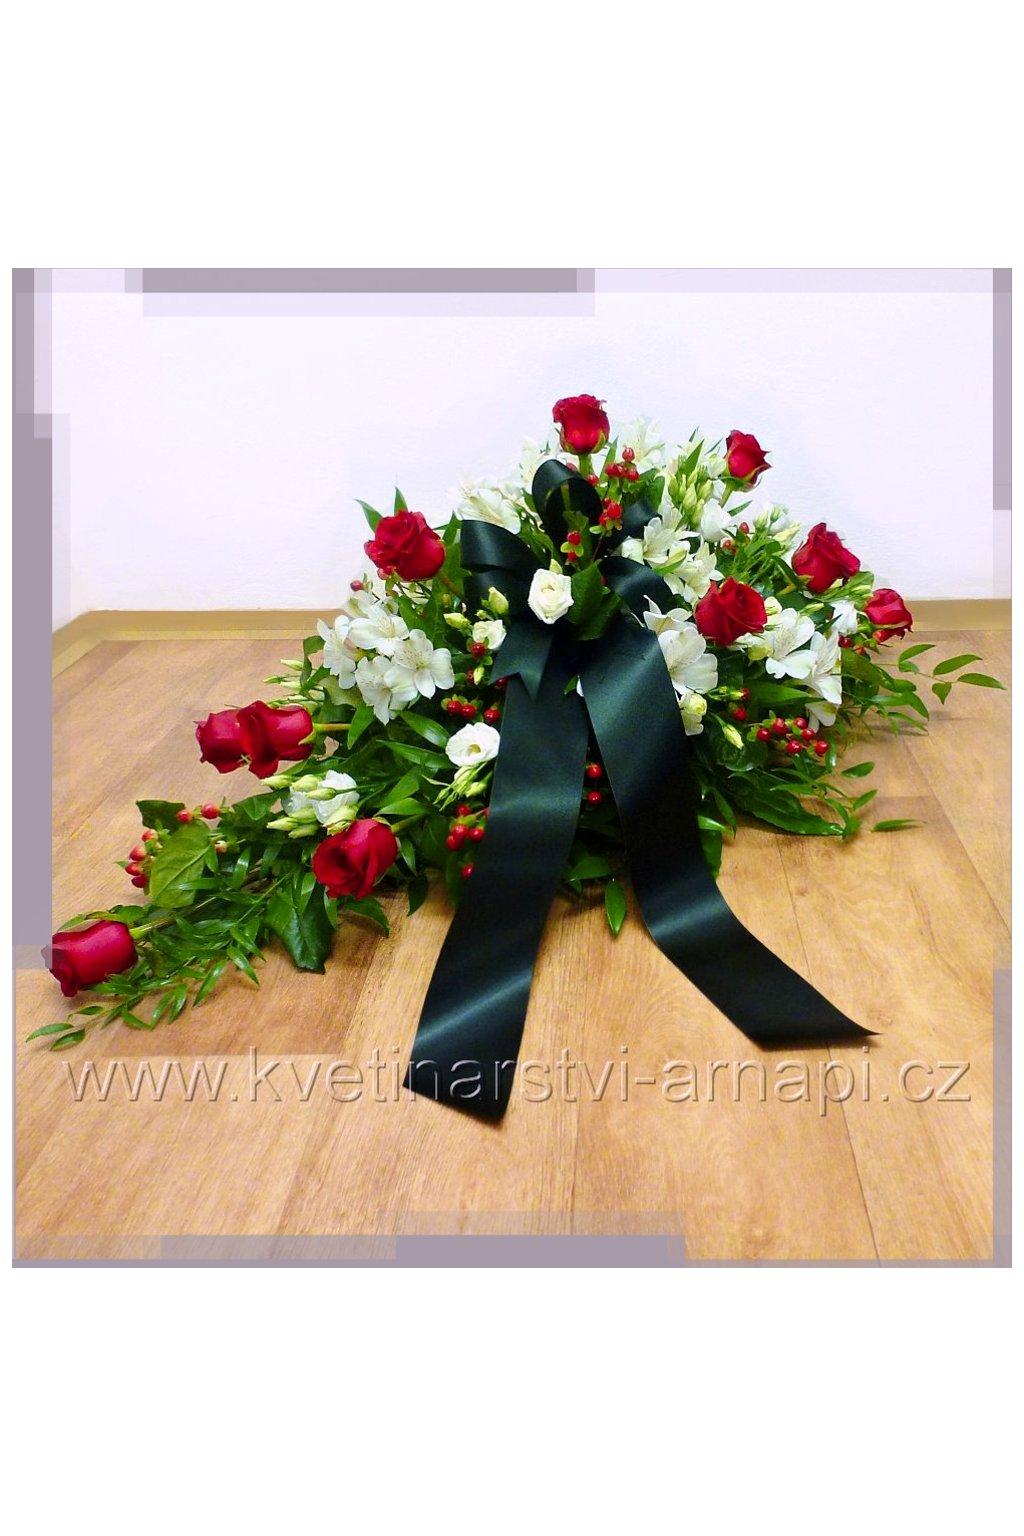 smutecni kytice kvetinarstvi arnapi ruze rozvoz